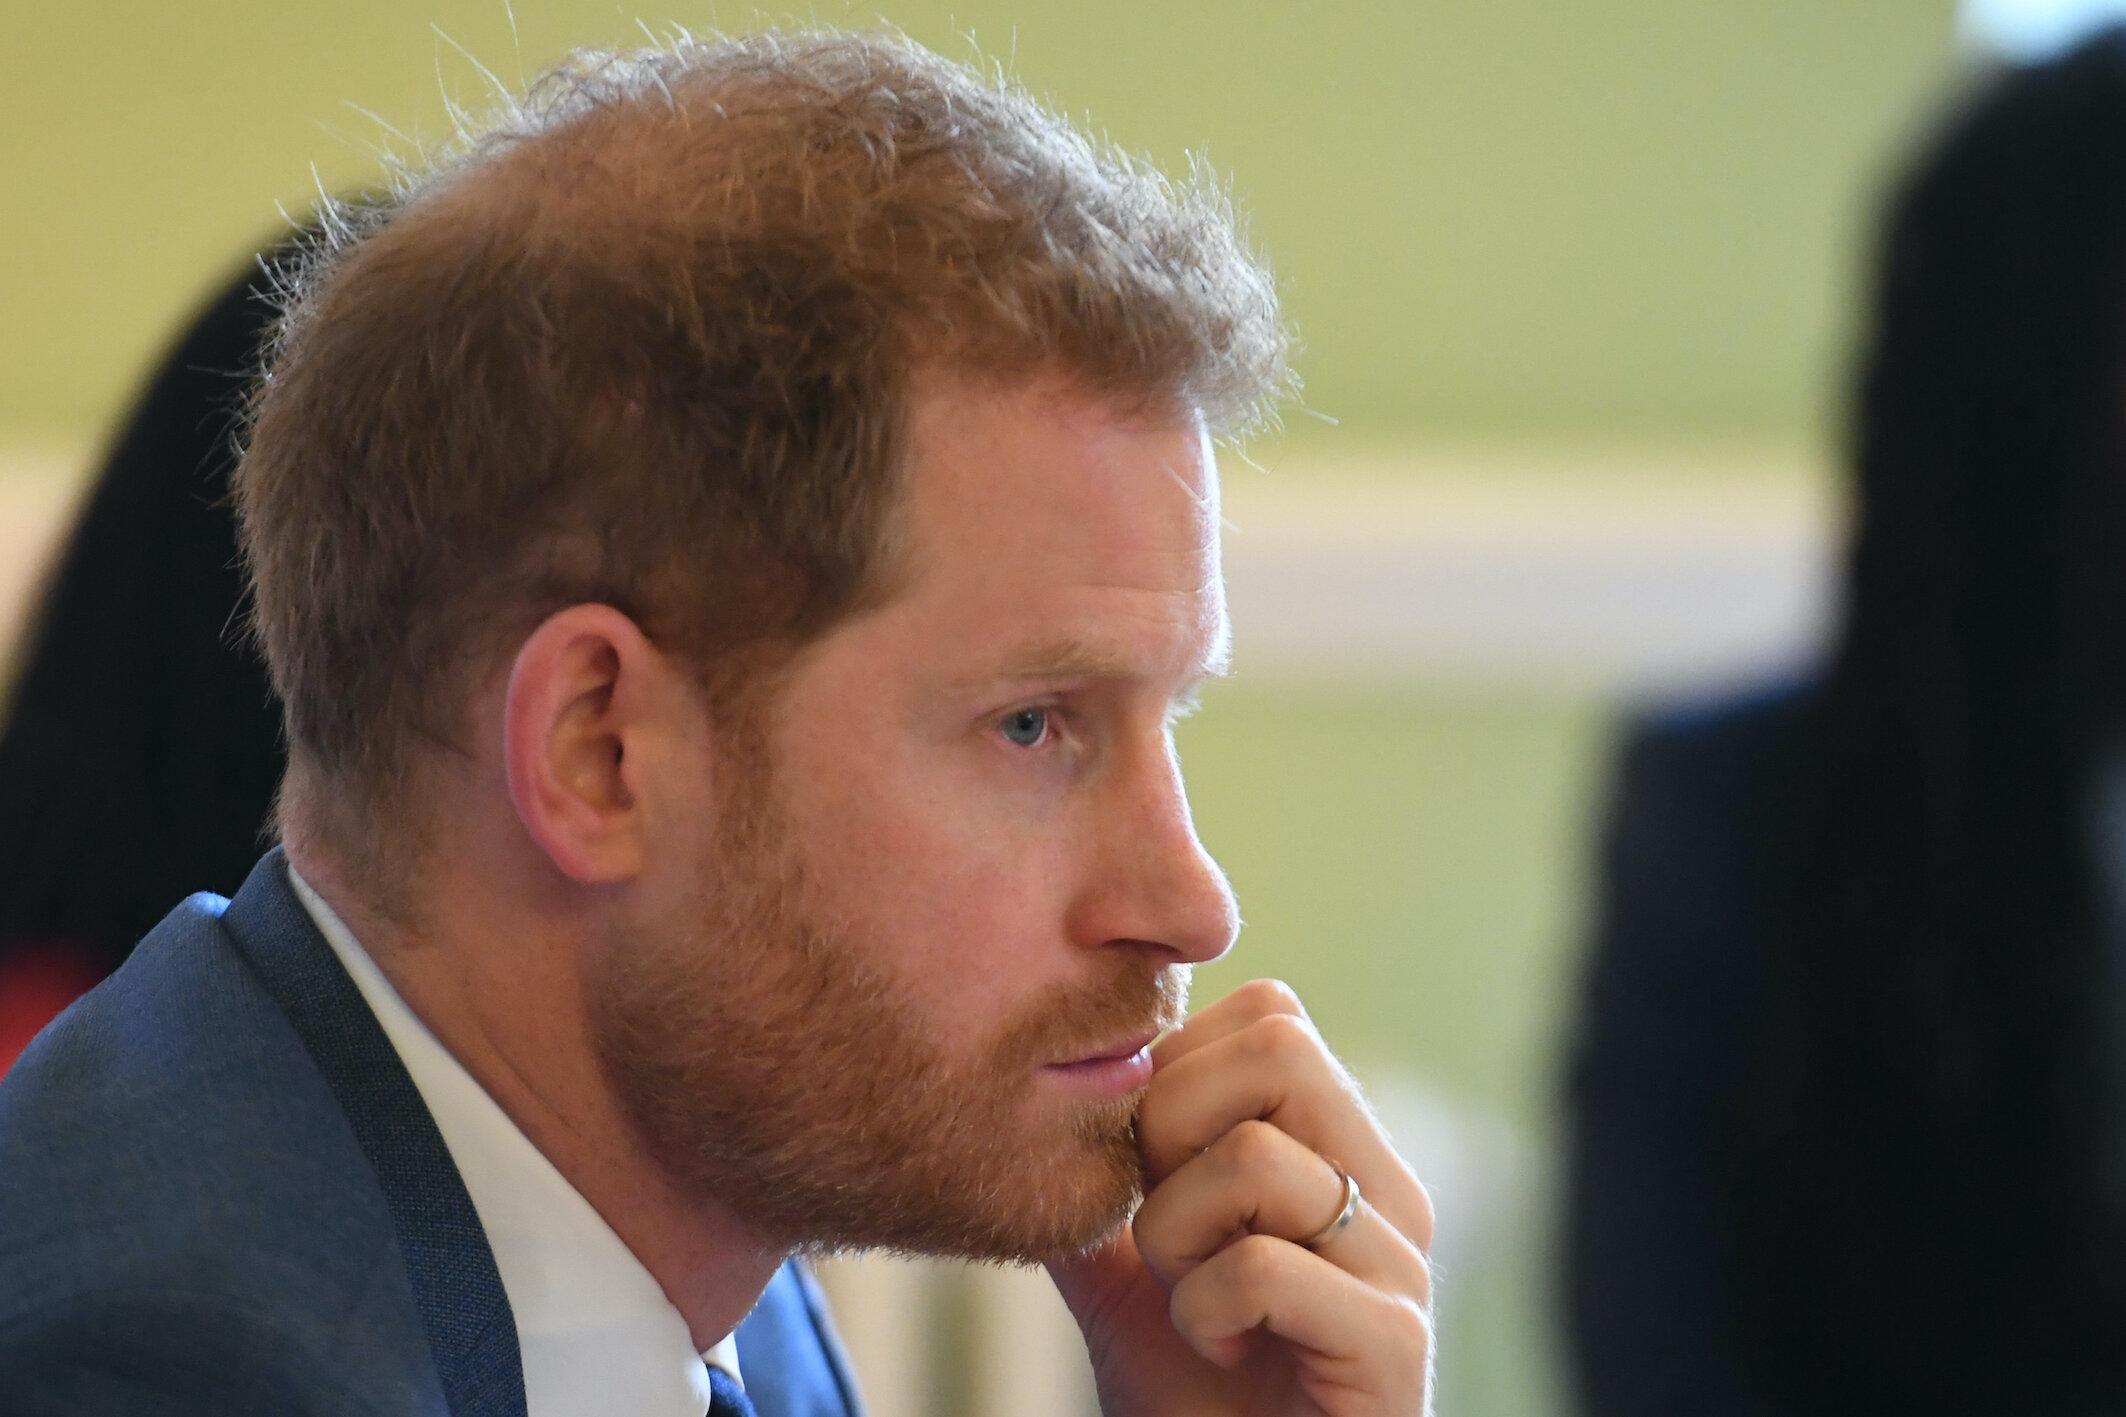 Prinz Harry steht nach seiner Entscheidung im Kreuzfeuer der Kritik. Der Vorwurf: Er lässt die Königsfamilie im Stich.  © picture alliance / empics